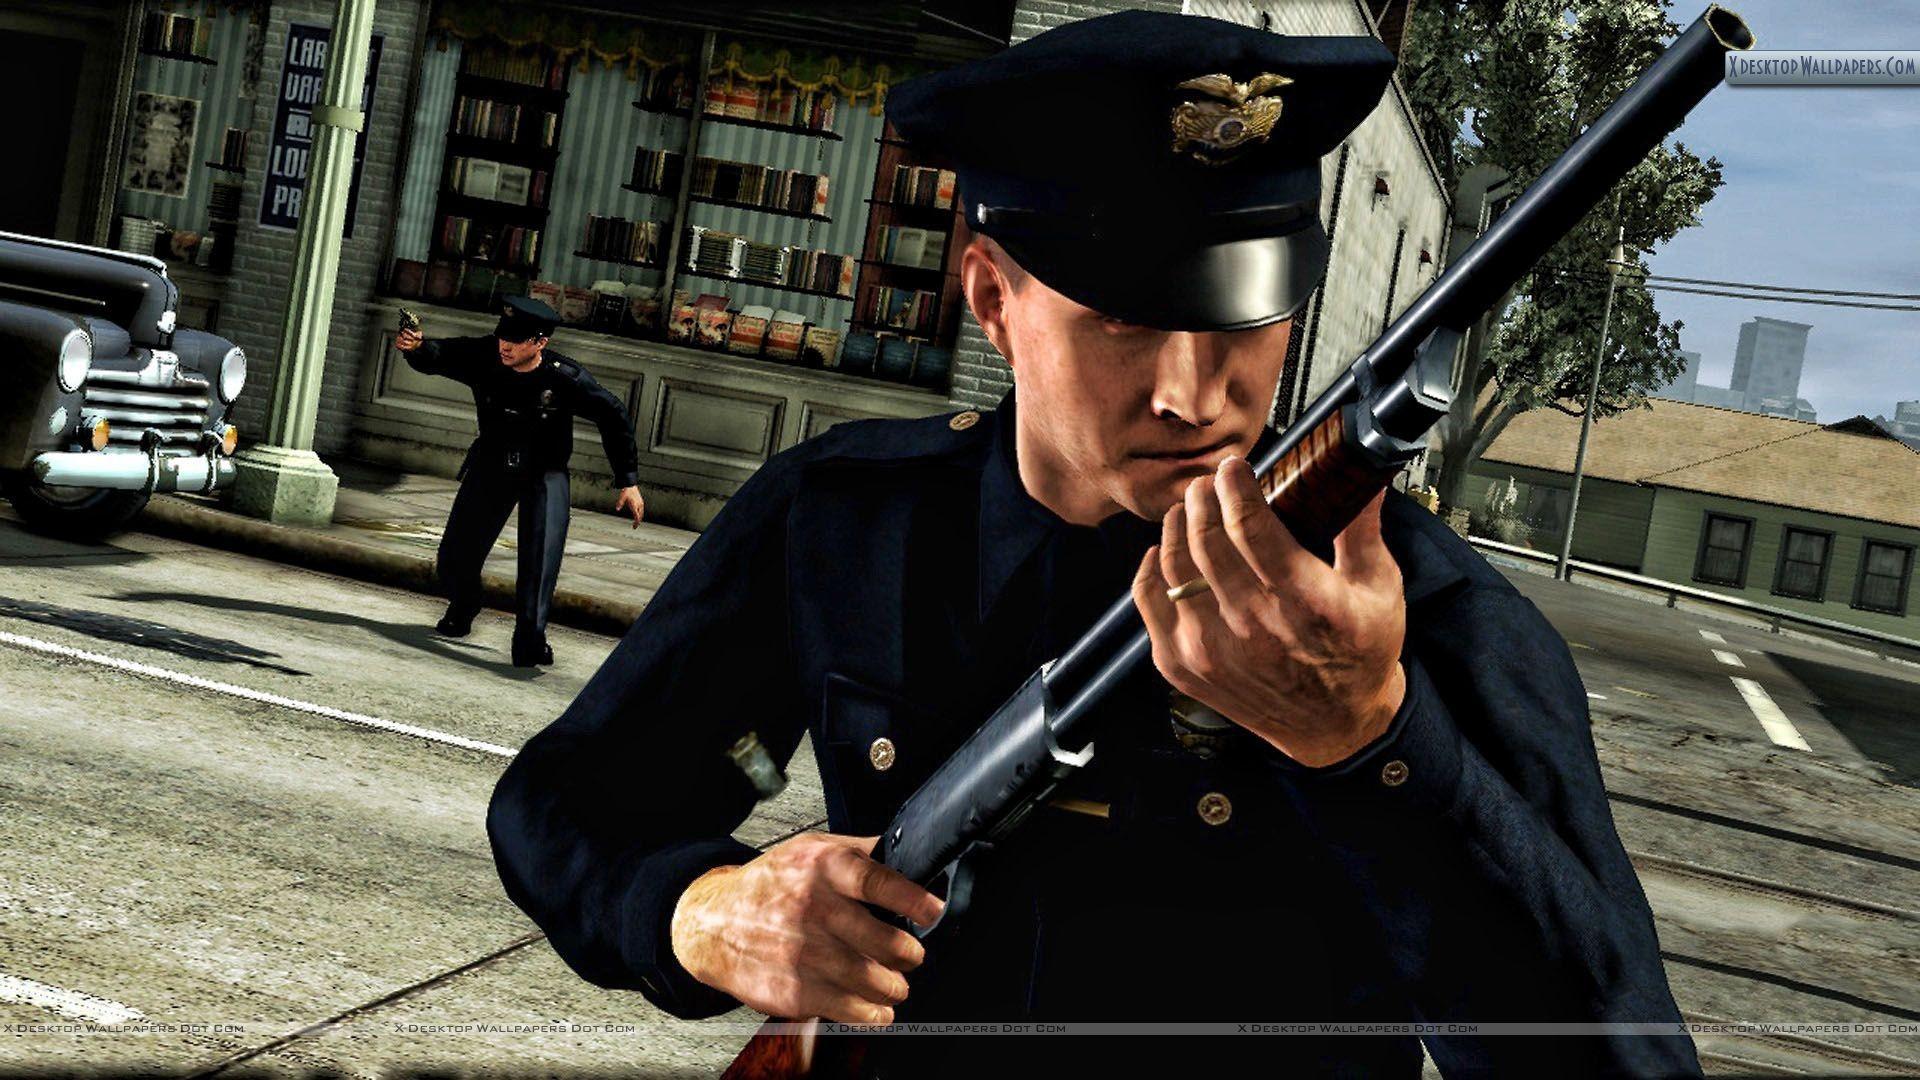 Policeman Wallpapers ·â'